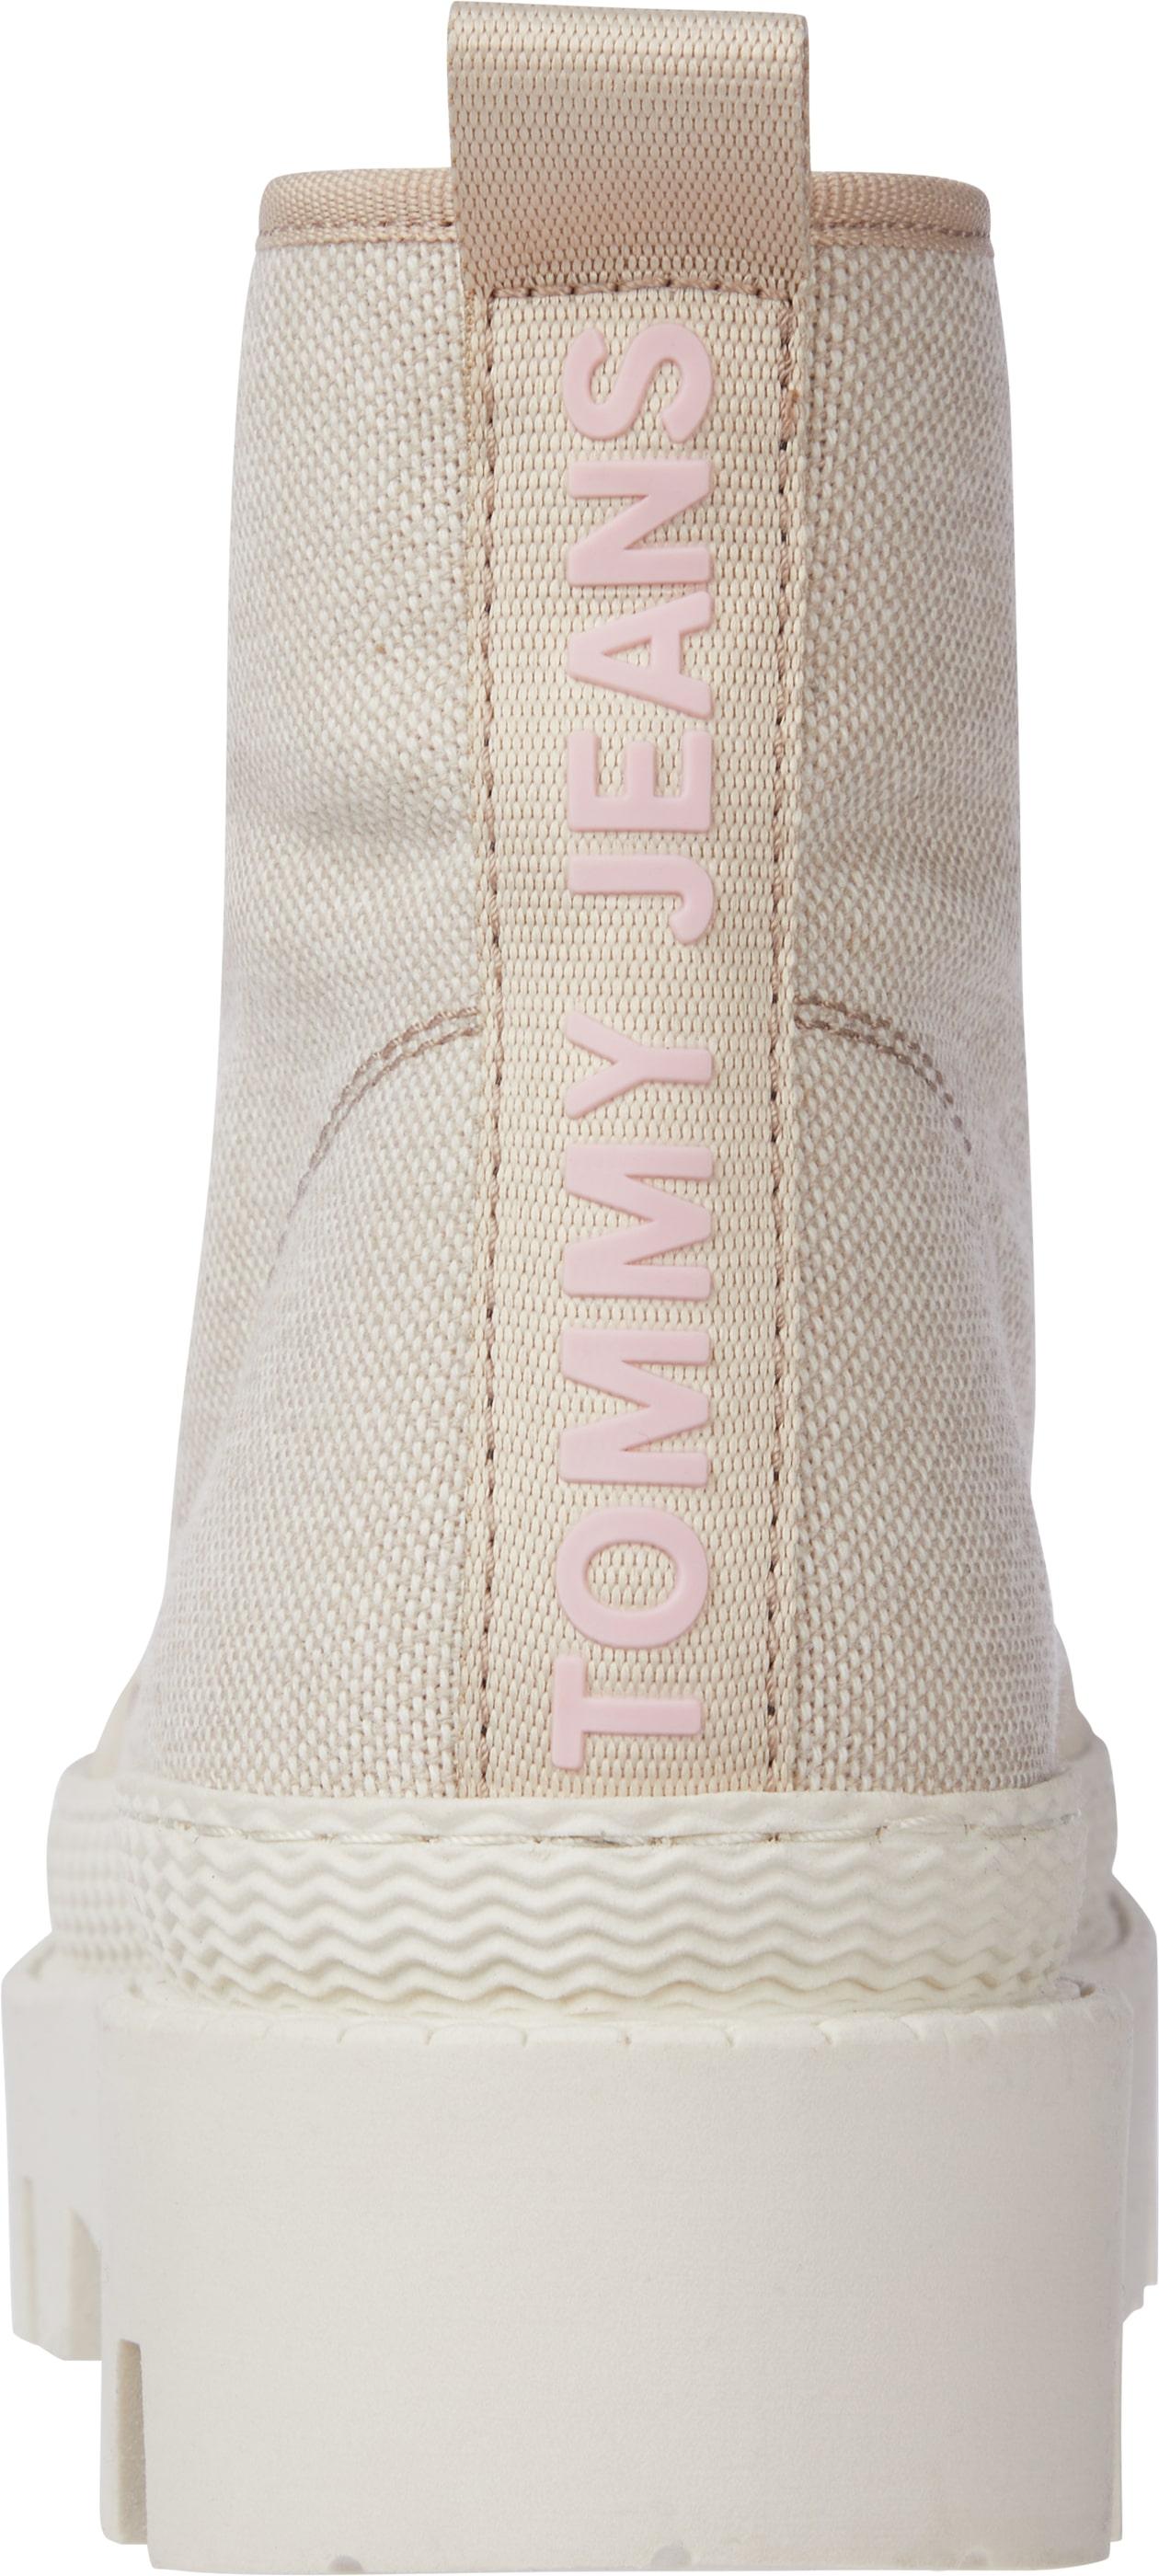 Tommy Hilfiger Tommy Jeans støvle, smooth stone, 40